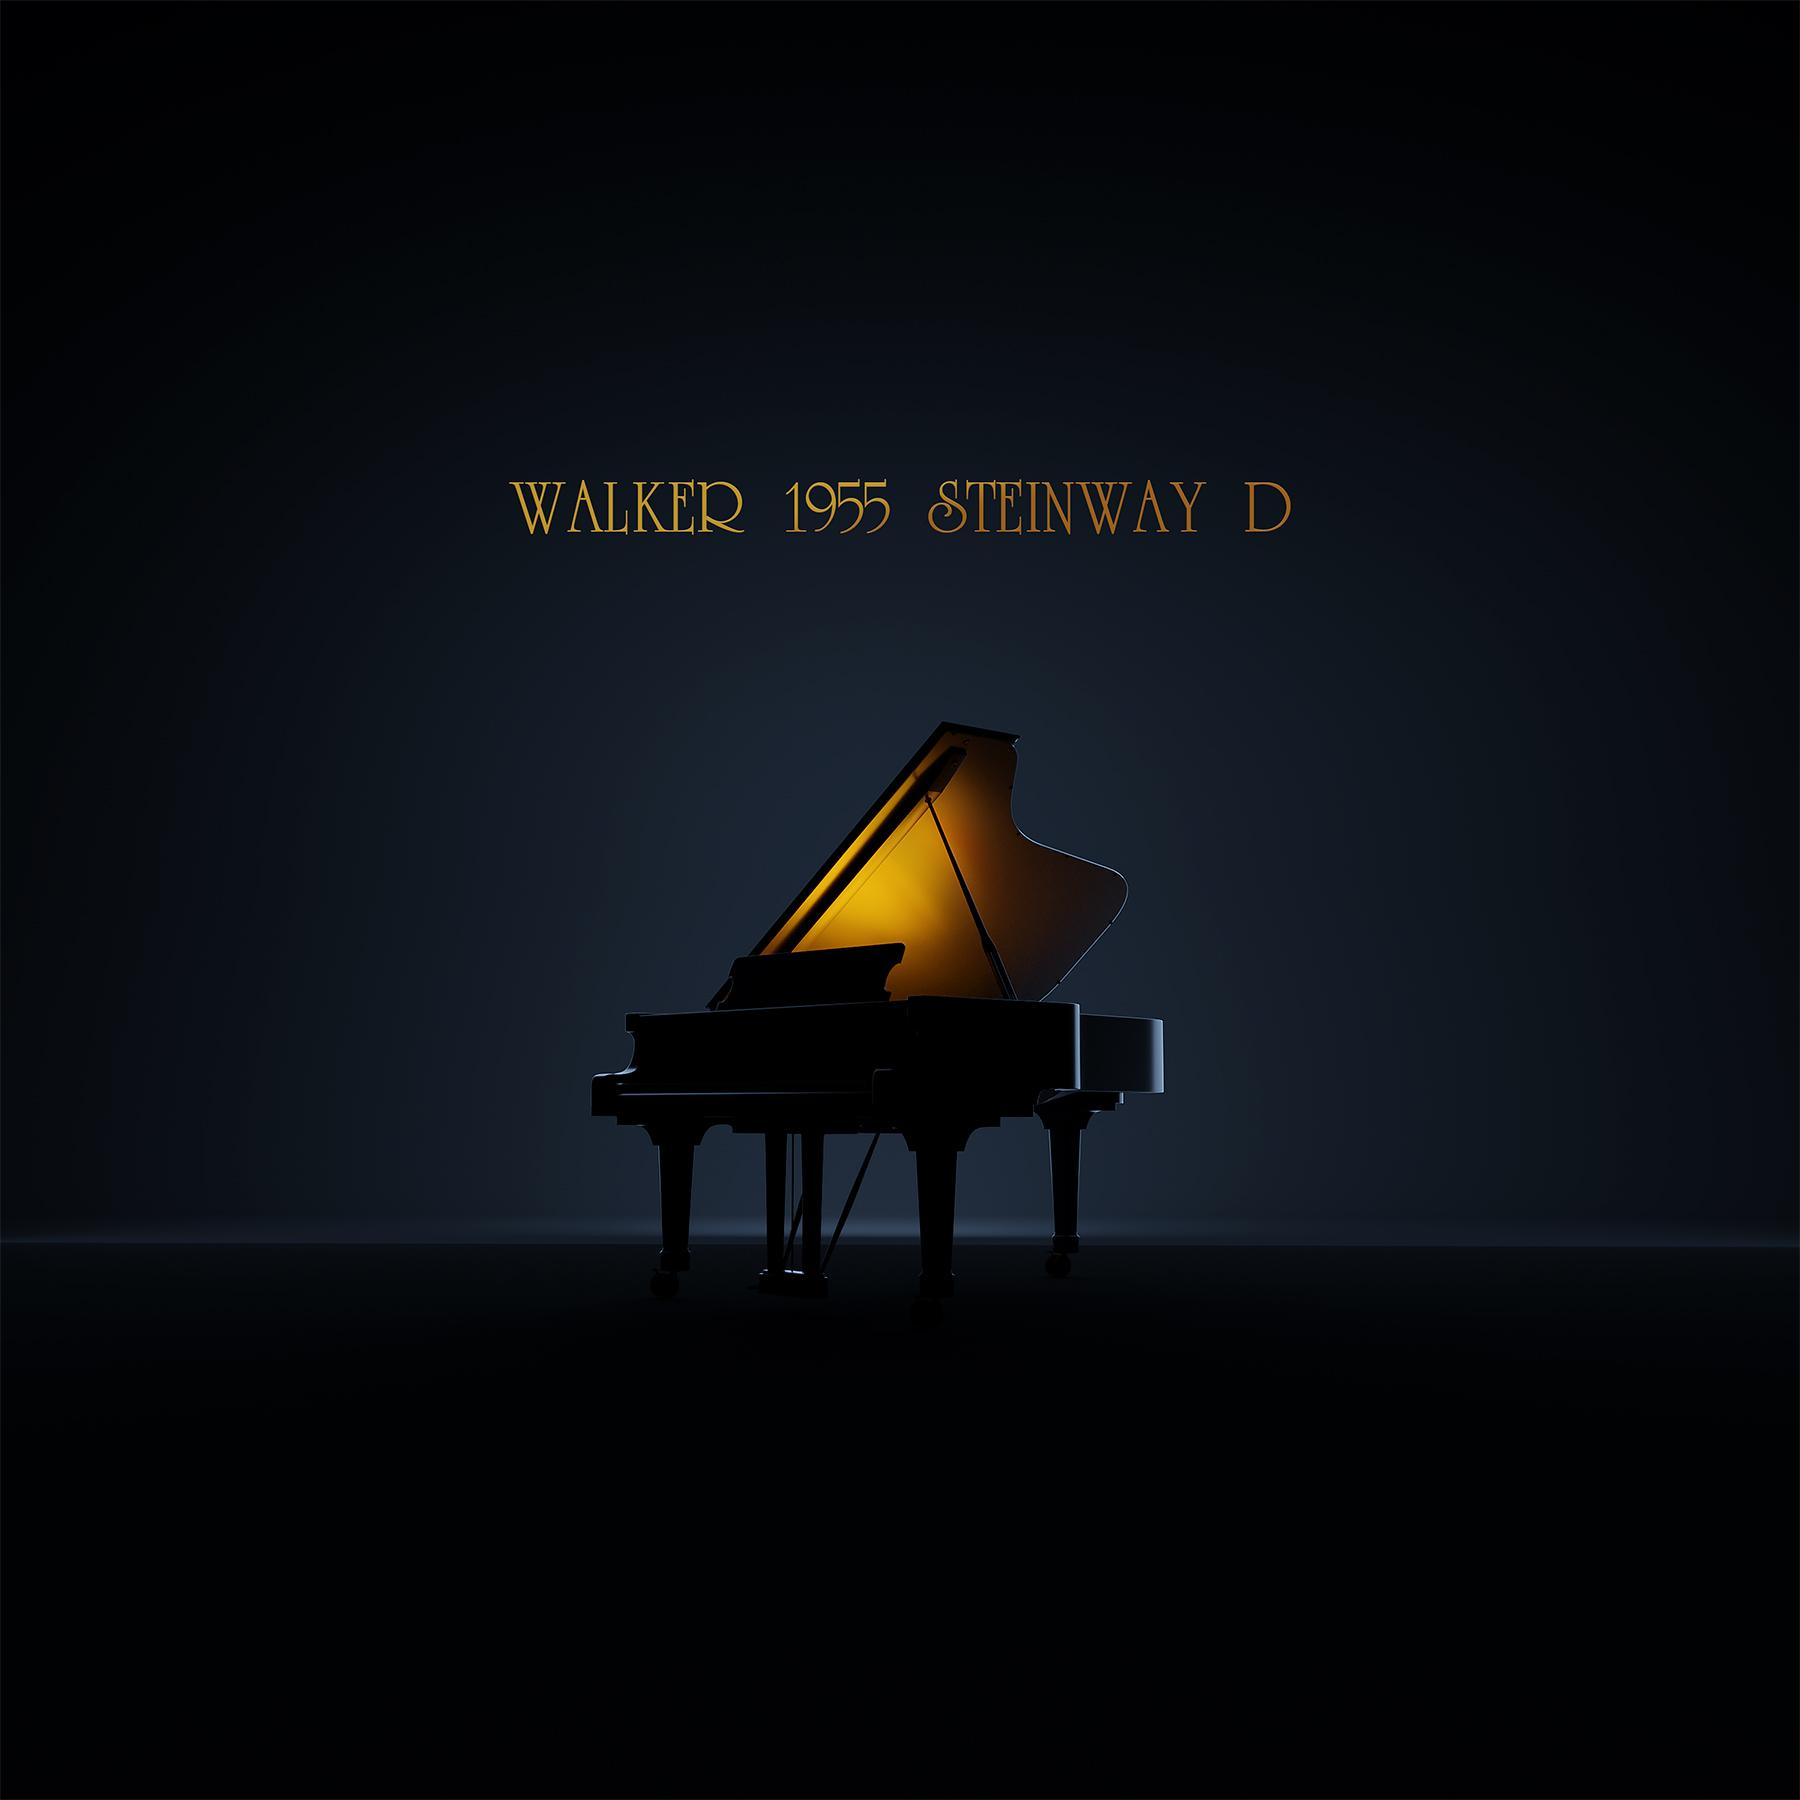 News: Embertone mit virtuellem Abbild eines 9' Steinway Model D Konzertpianos